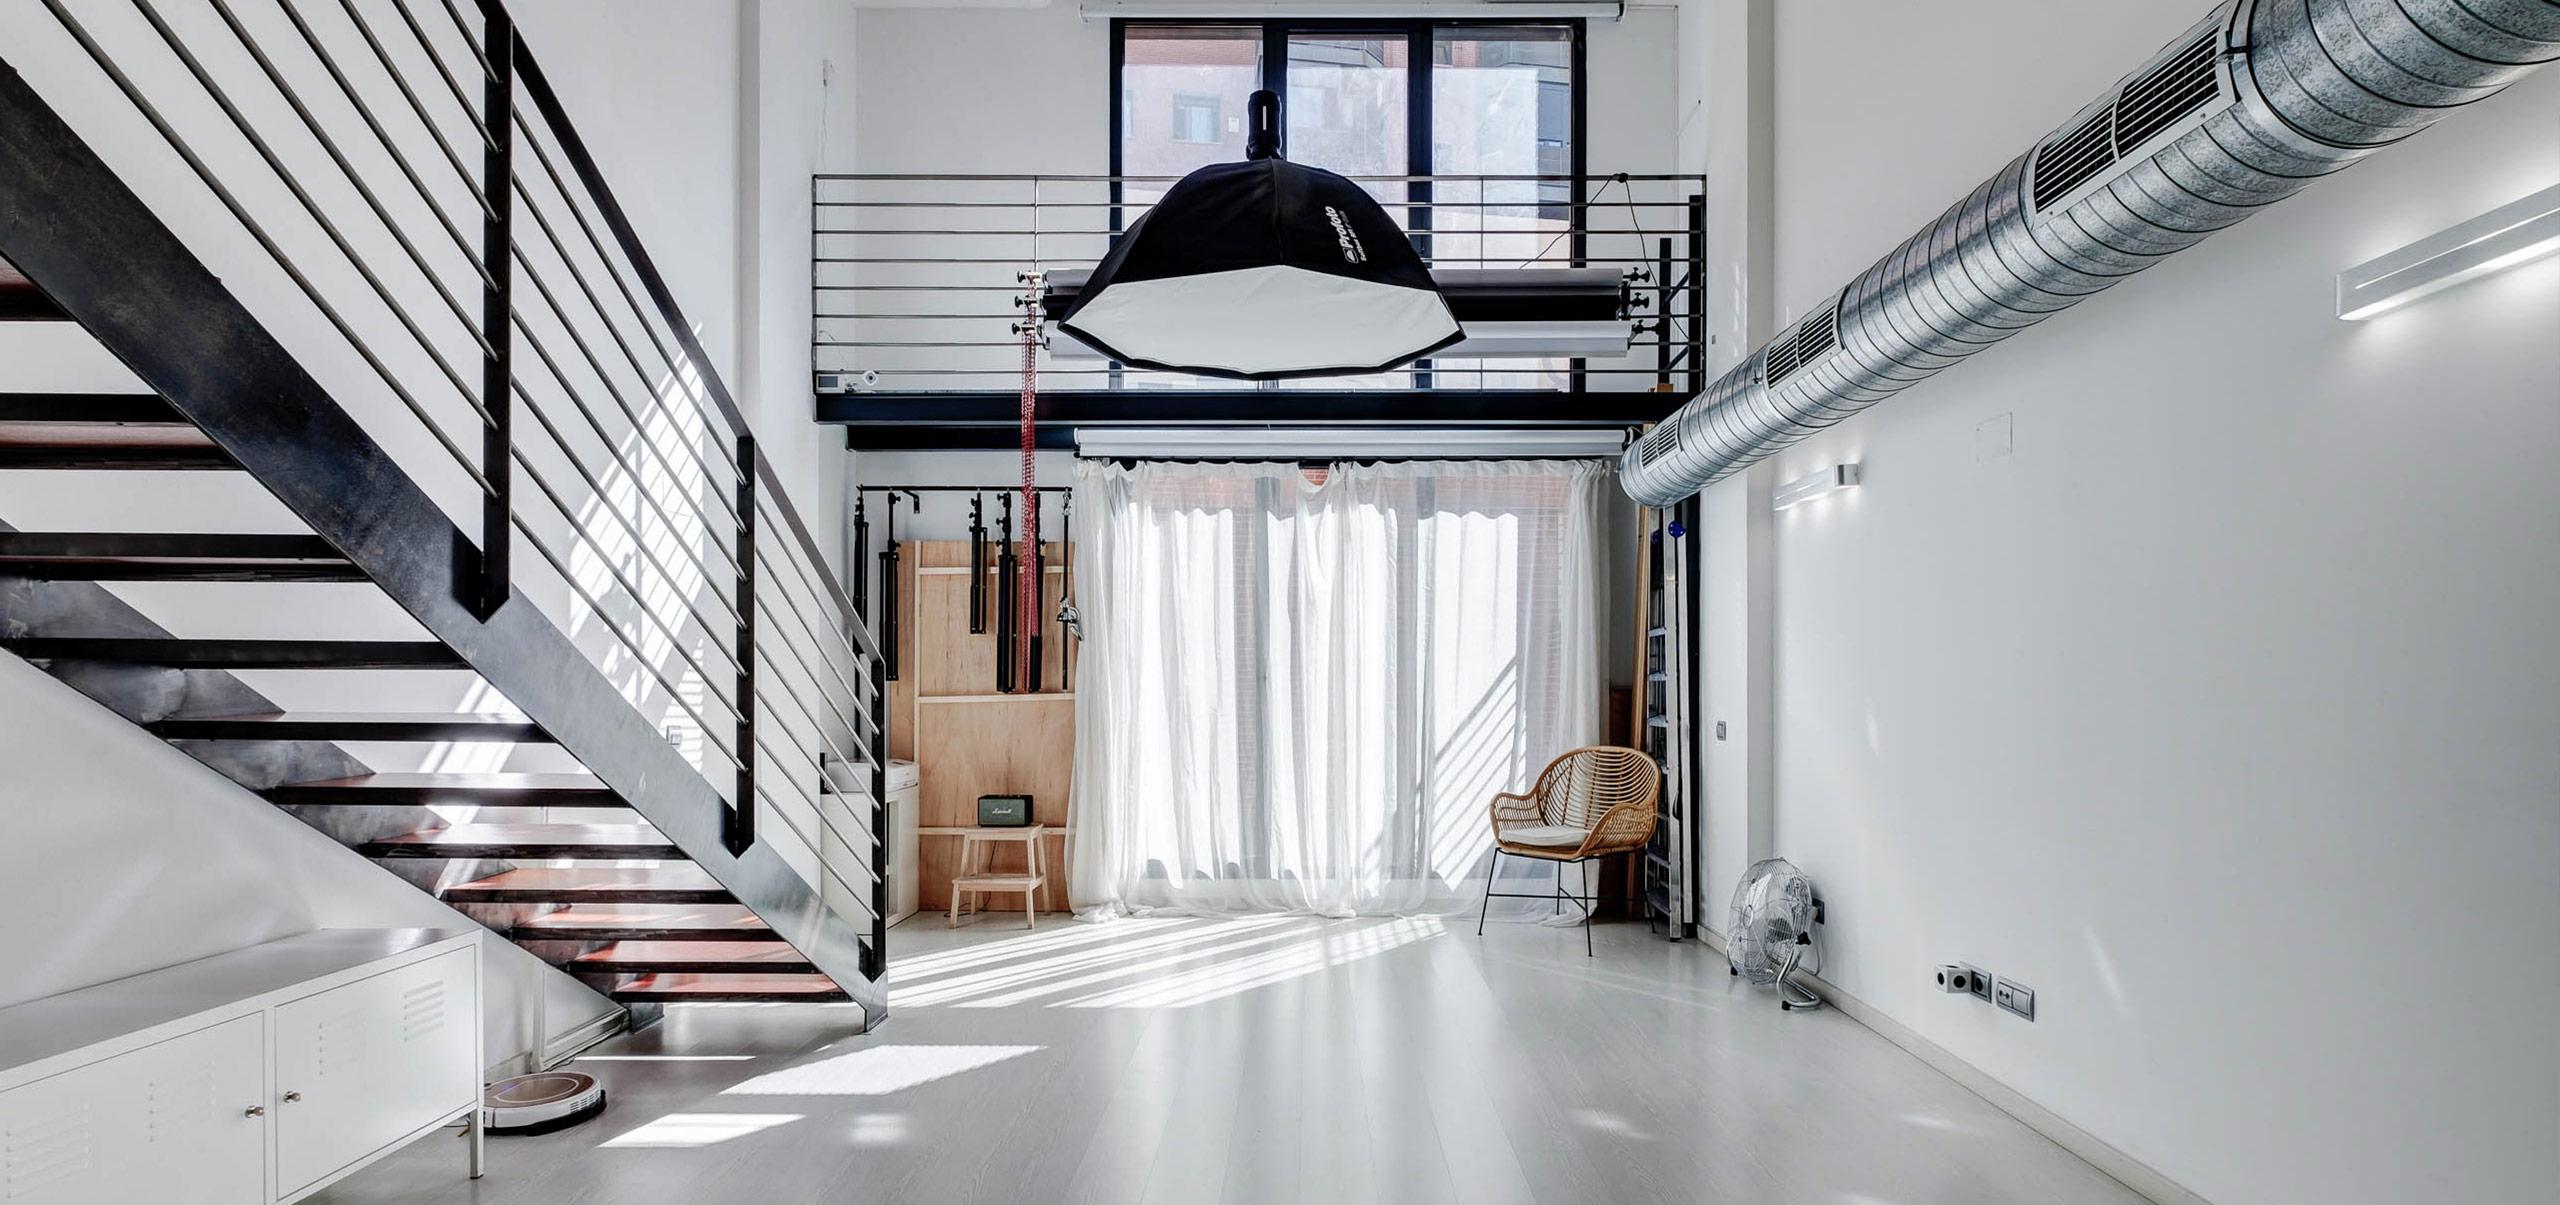 Alquiler de estudio fotográfico en Madrid